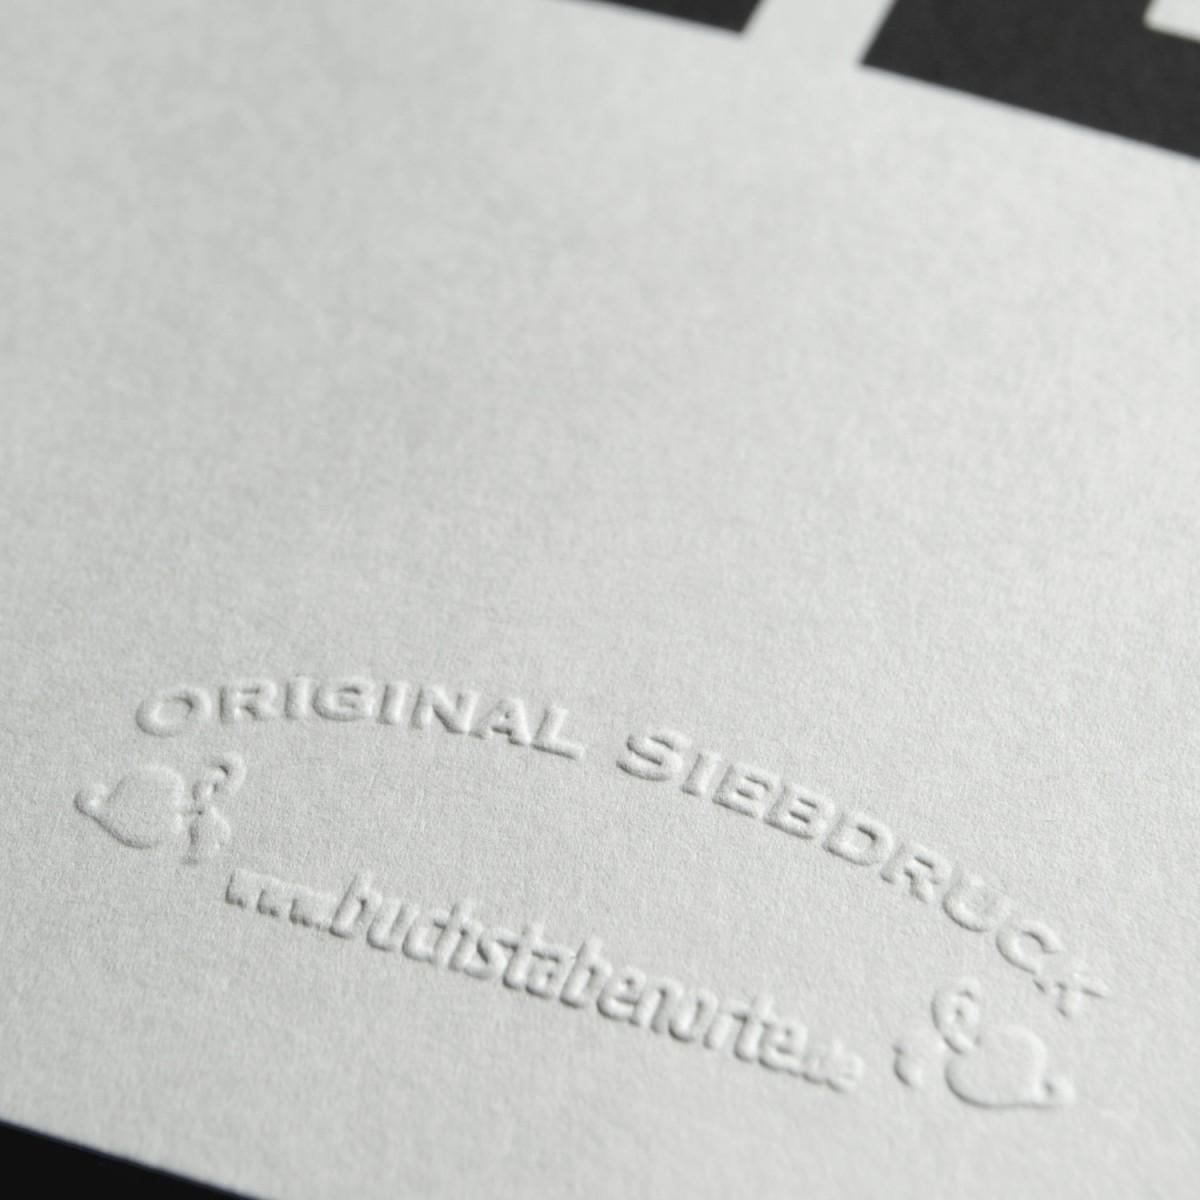 Buchstabenort Paris Stadtteile-Poster Typografie Siebdruck